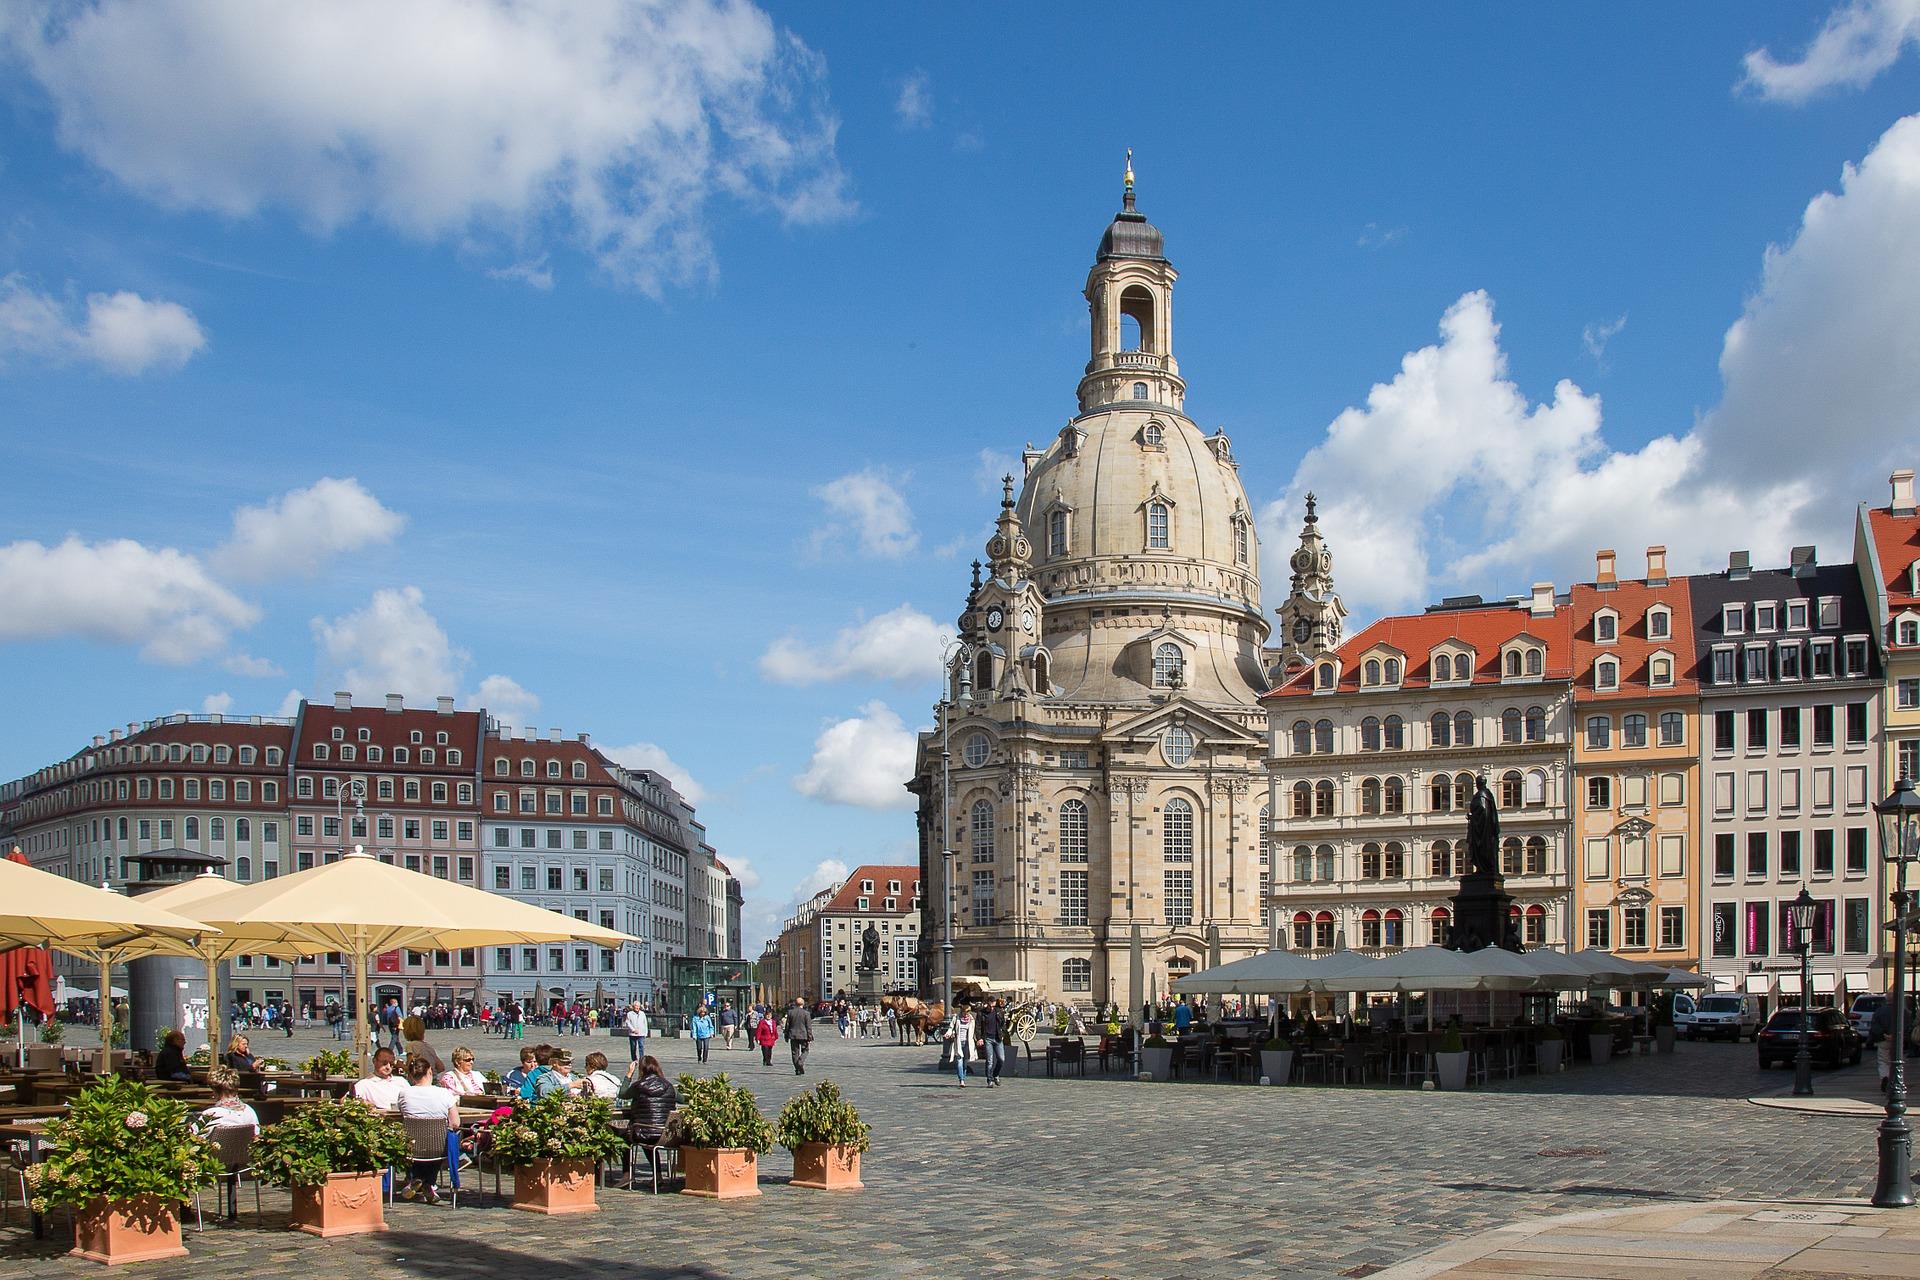 Dresden Frauenkirche Church